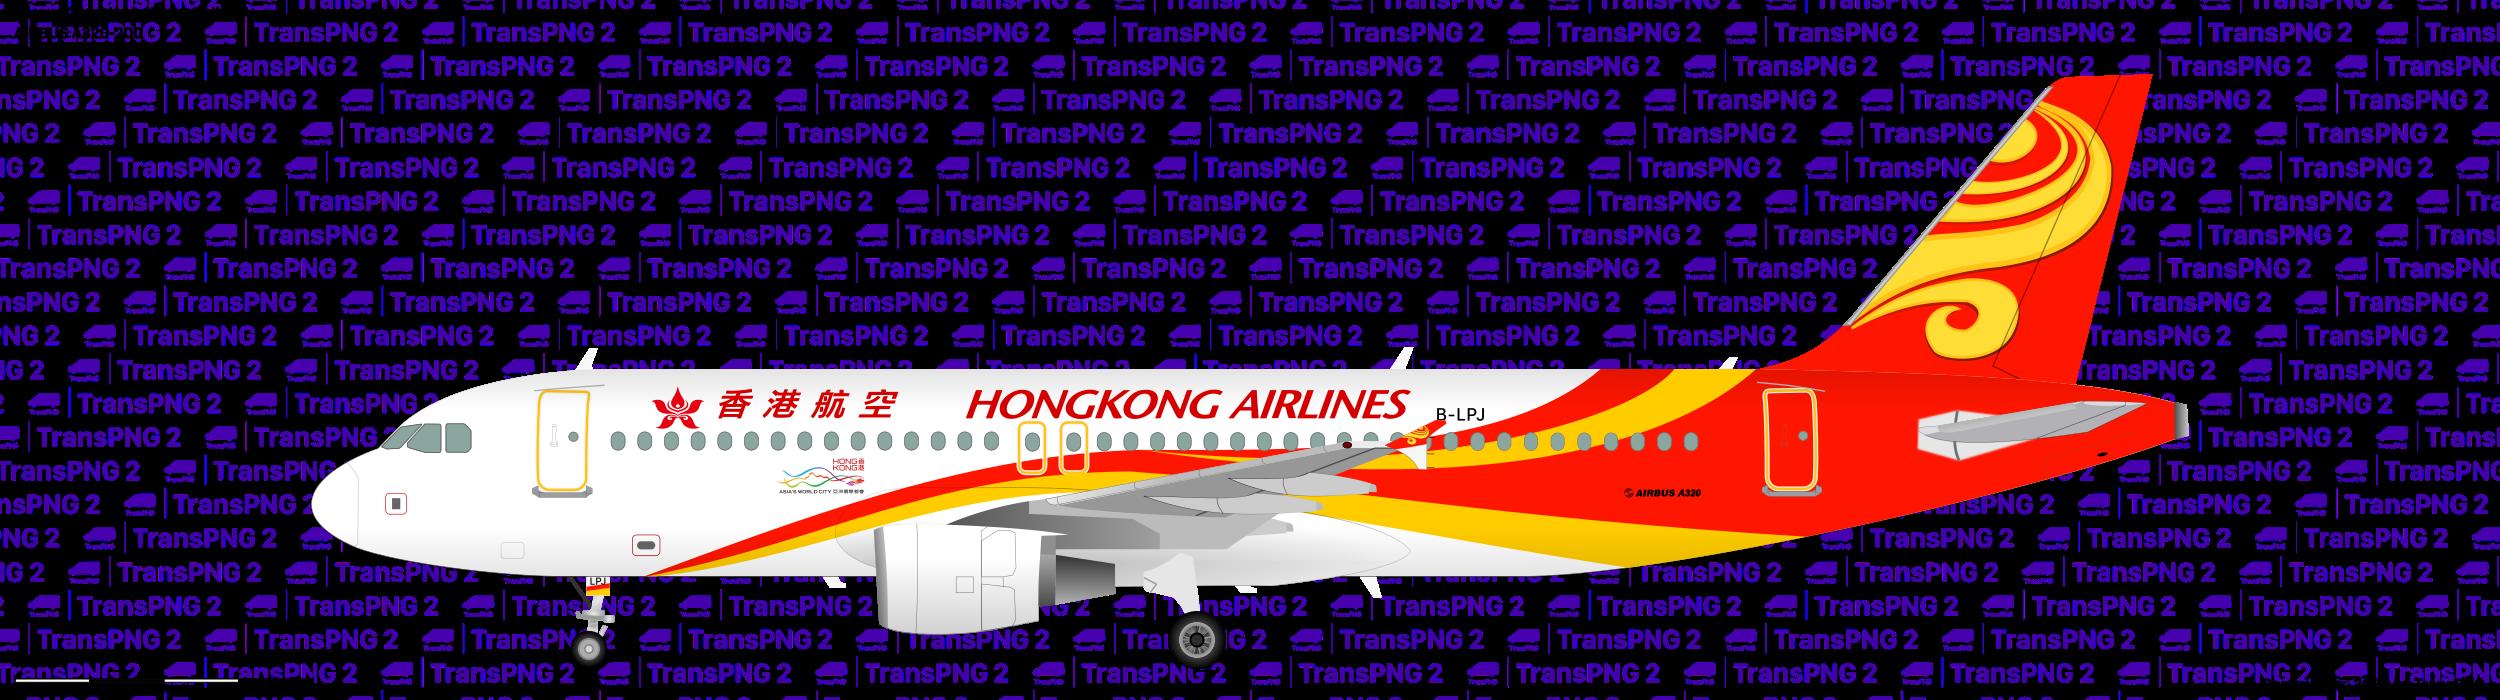 [25022] 香港航空 25022